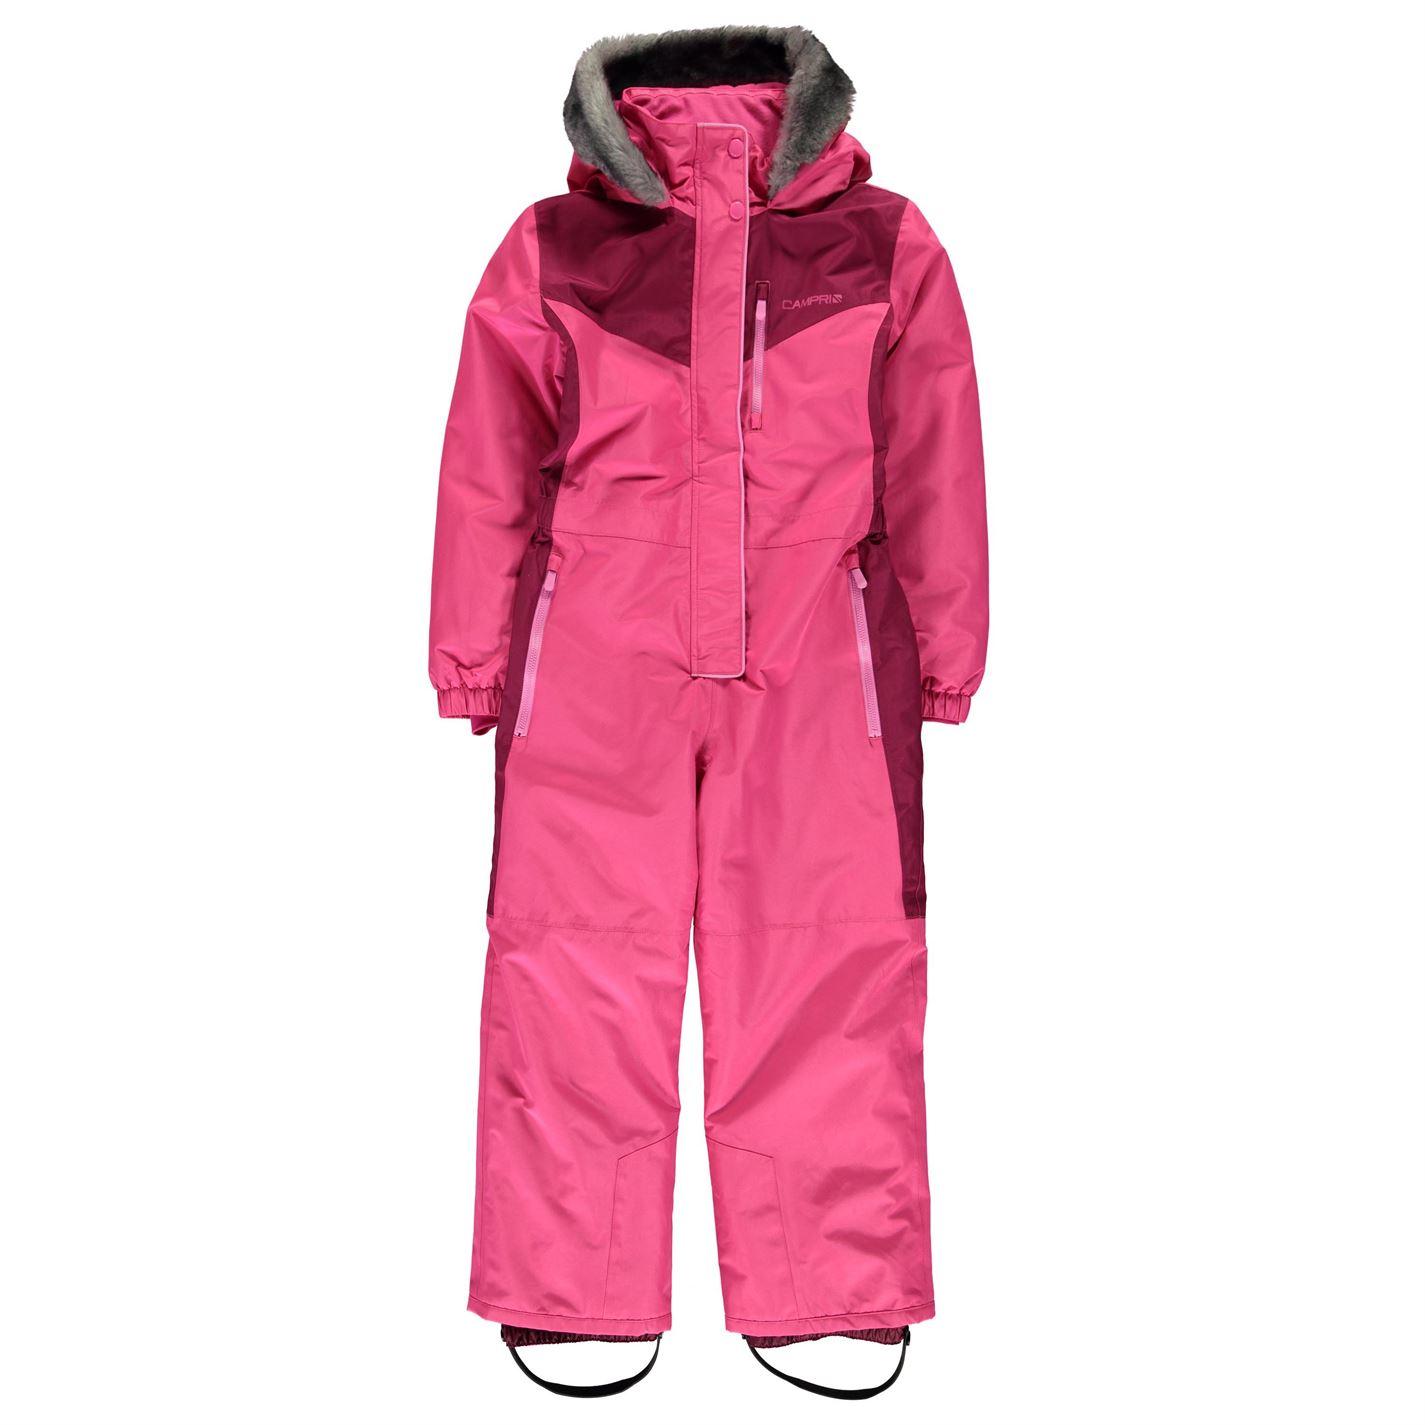 bb29506a6a76 ... Boys Blue Navy Ski Suit Dětské. -10%. Campri ...